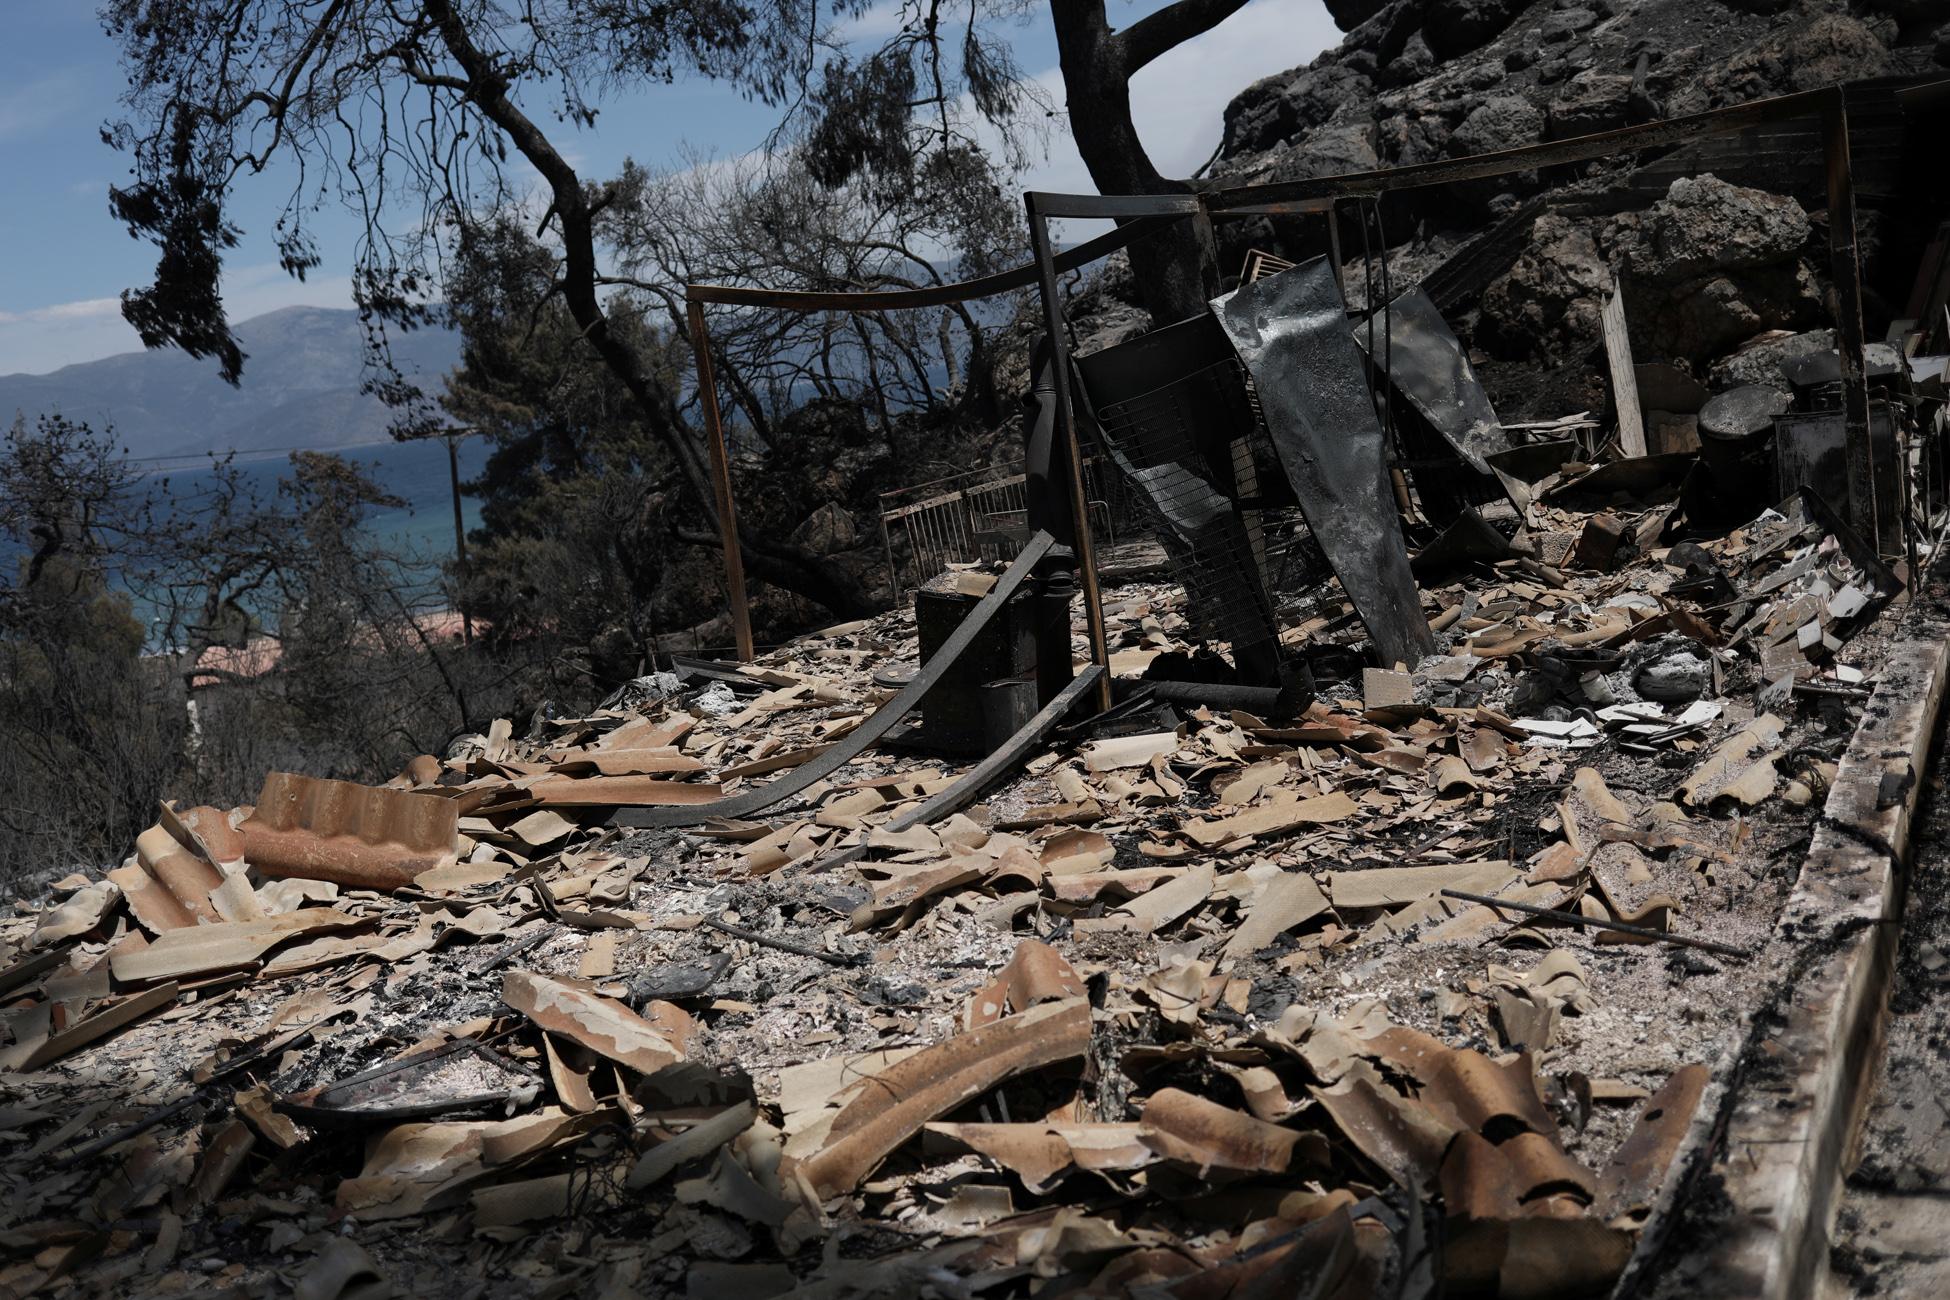 Φωτιά σε Κορινθία και Δυτική Αττική: Τα μέτρα στήριξης στους πυρόπληκτους